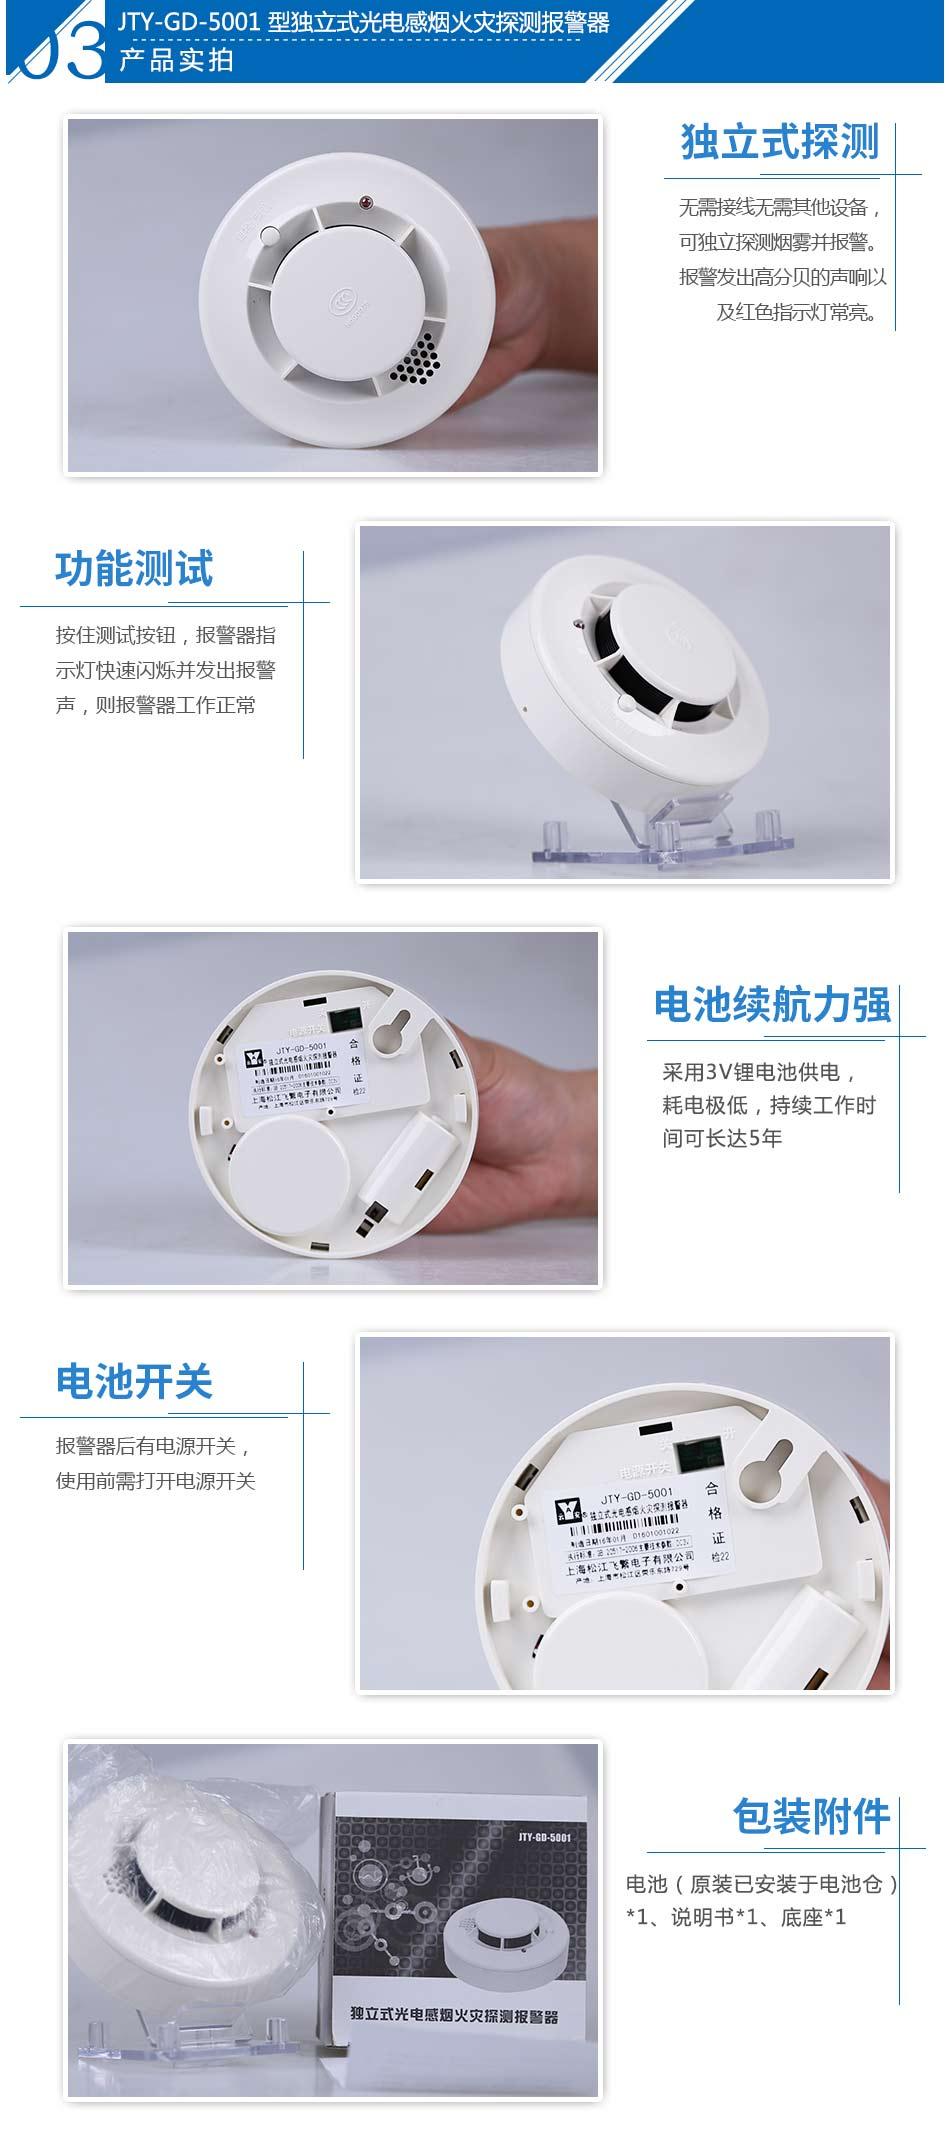 JTY-GD-5001独立式光电感烟火灾探测报警器产品实拍图